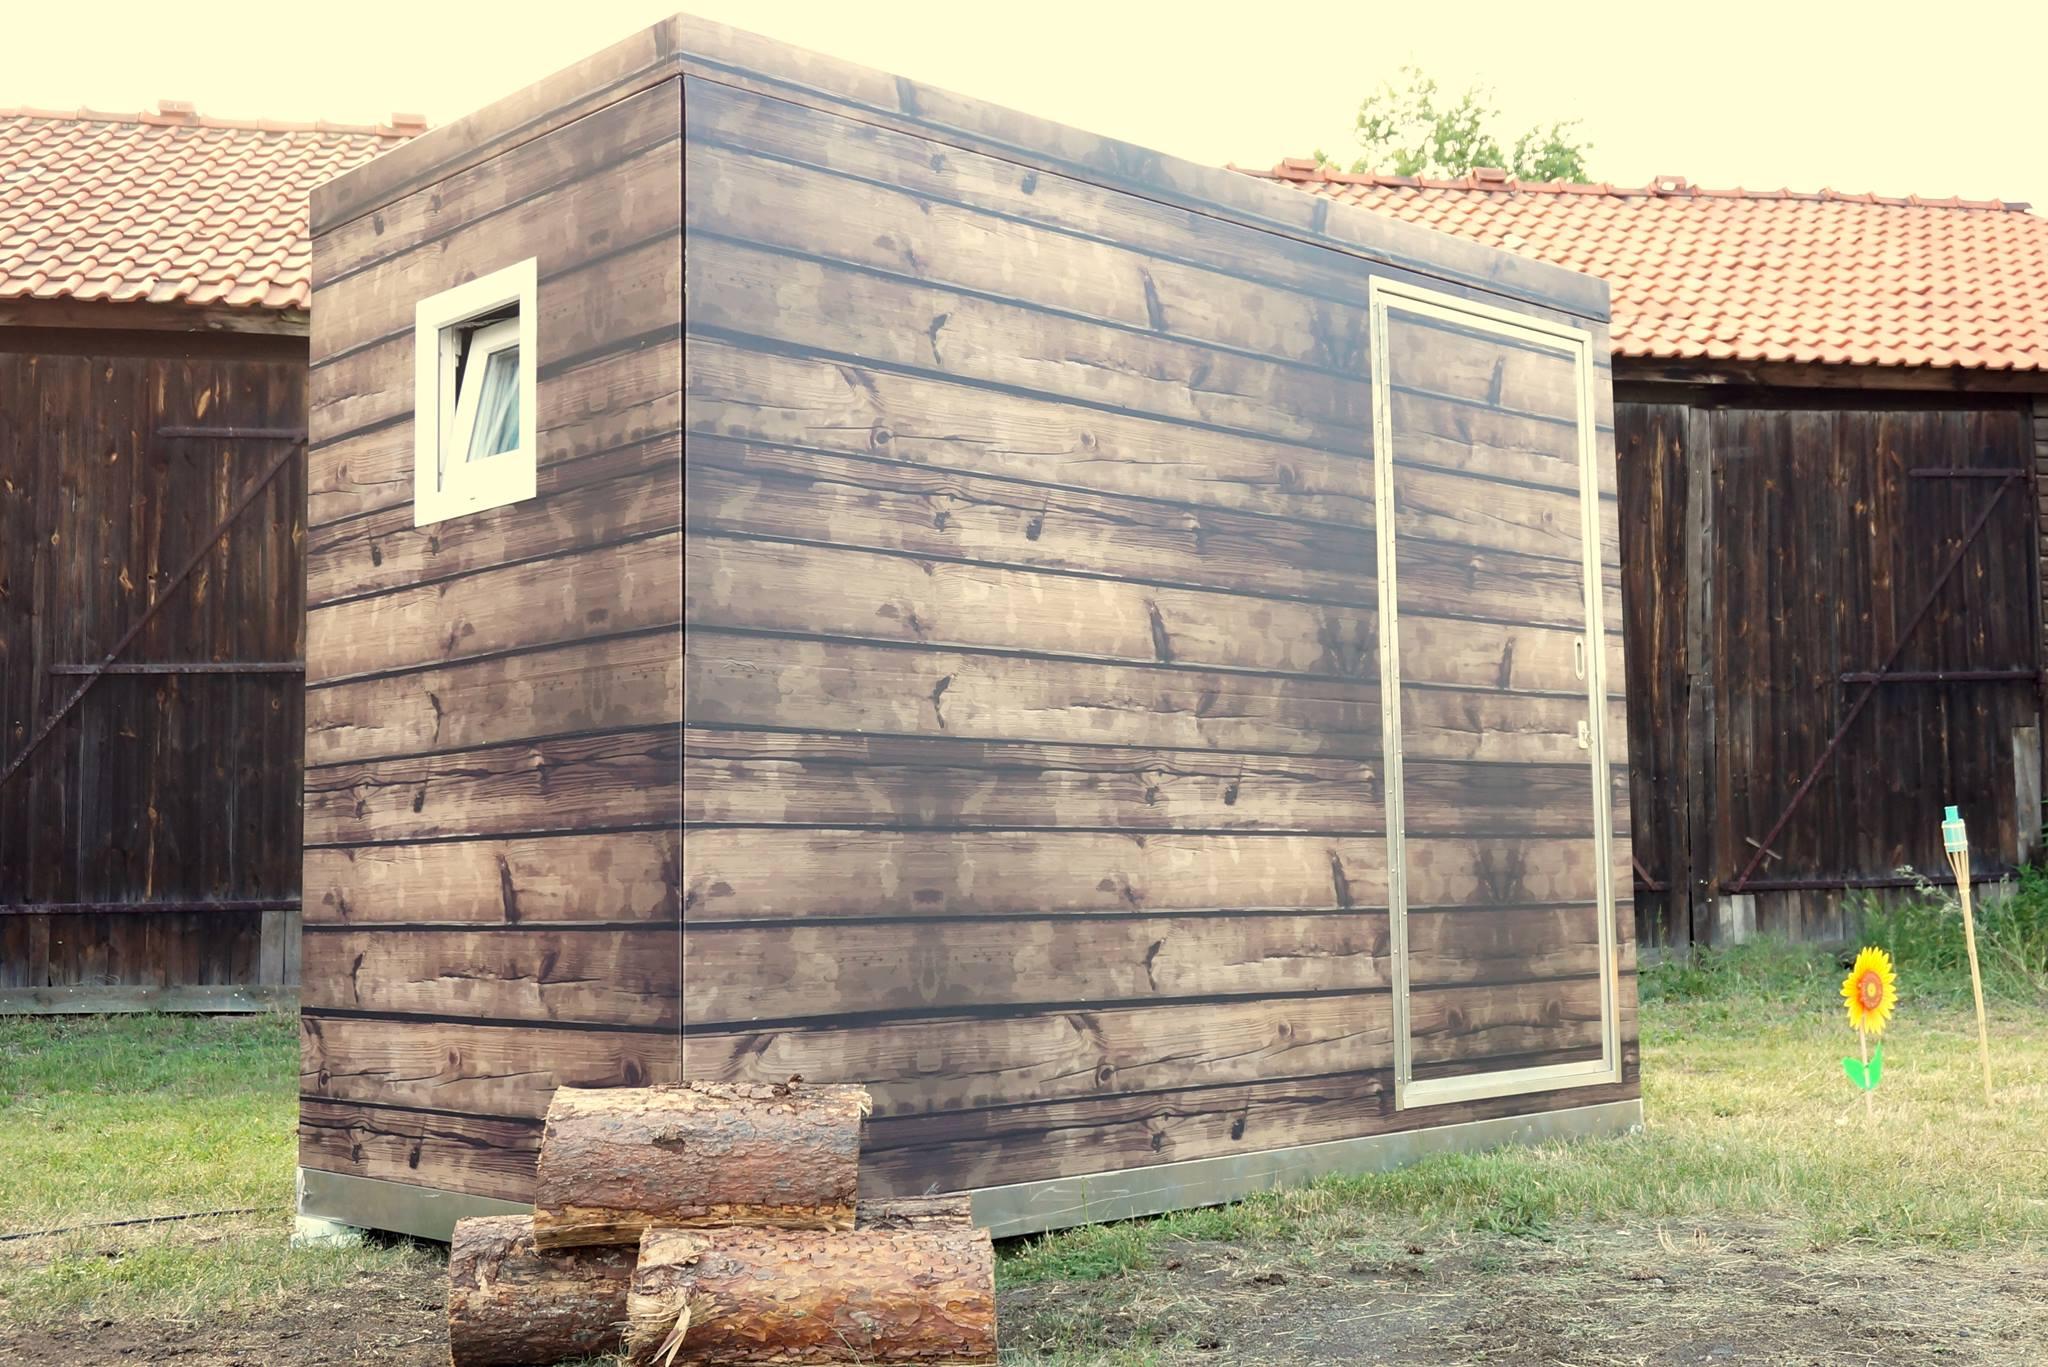 Eure Festival-Lodge von außen: Schall- und wärmegedämmt aus Aluminium mit einzigartiger Holz-Optik